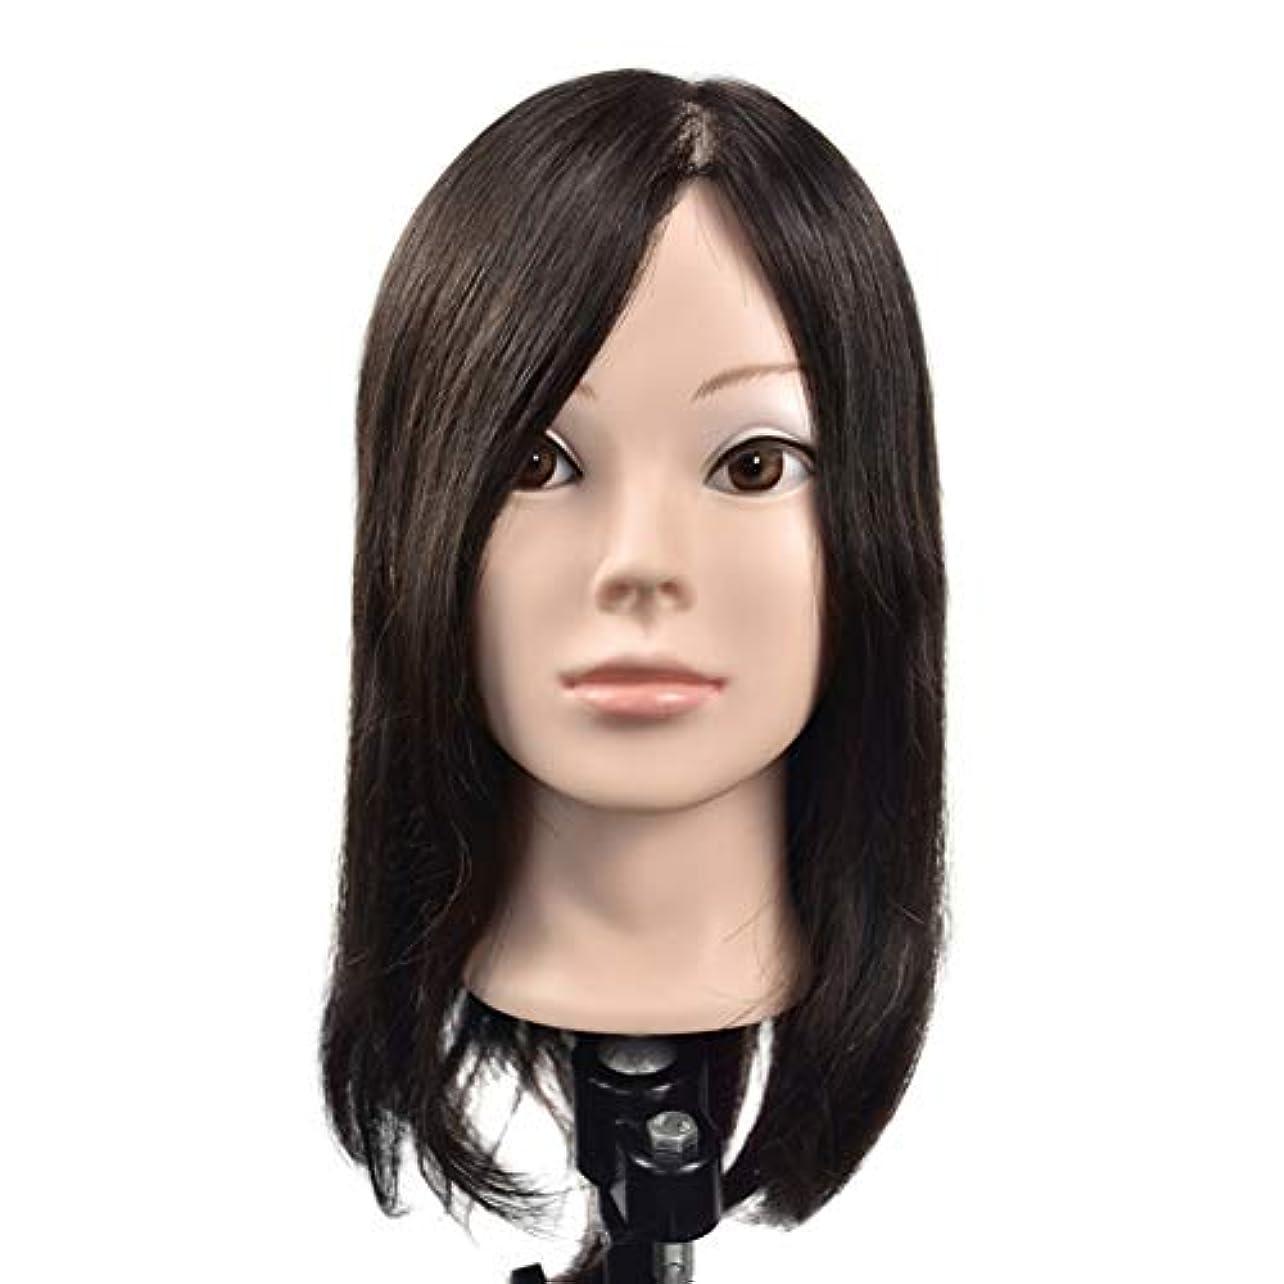 たまに潮薄汚いリアルヘアースタイリングモデルヘッド女性モデル頭ティーチングヘッド理髪店編組髪染め学習ダミーヘッド